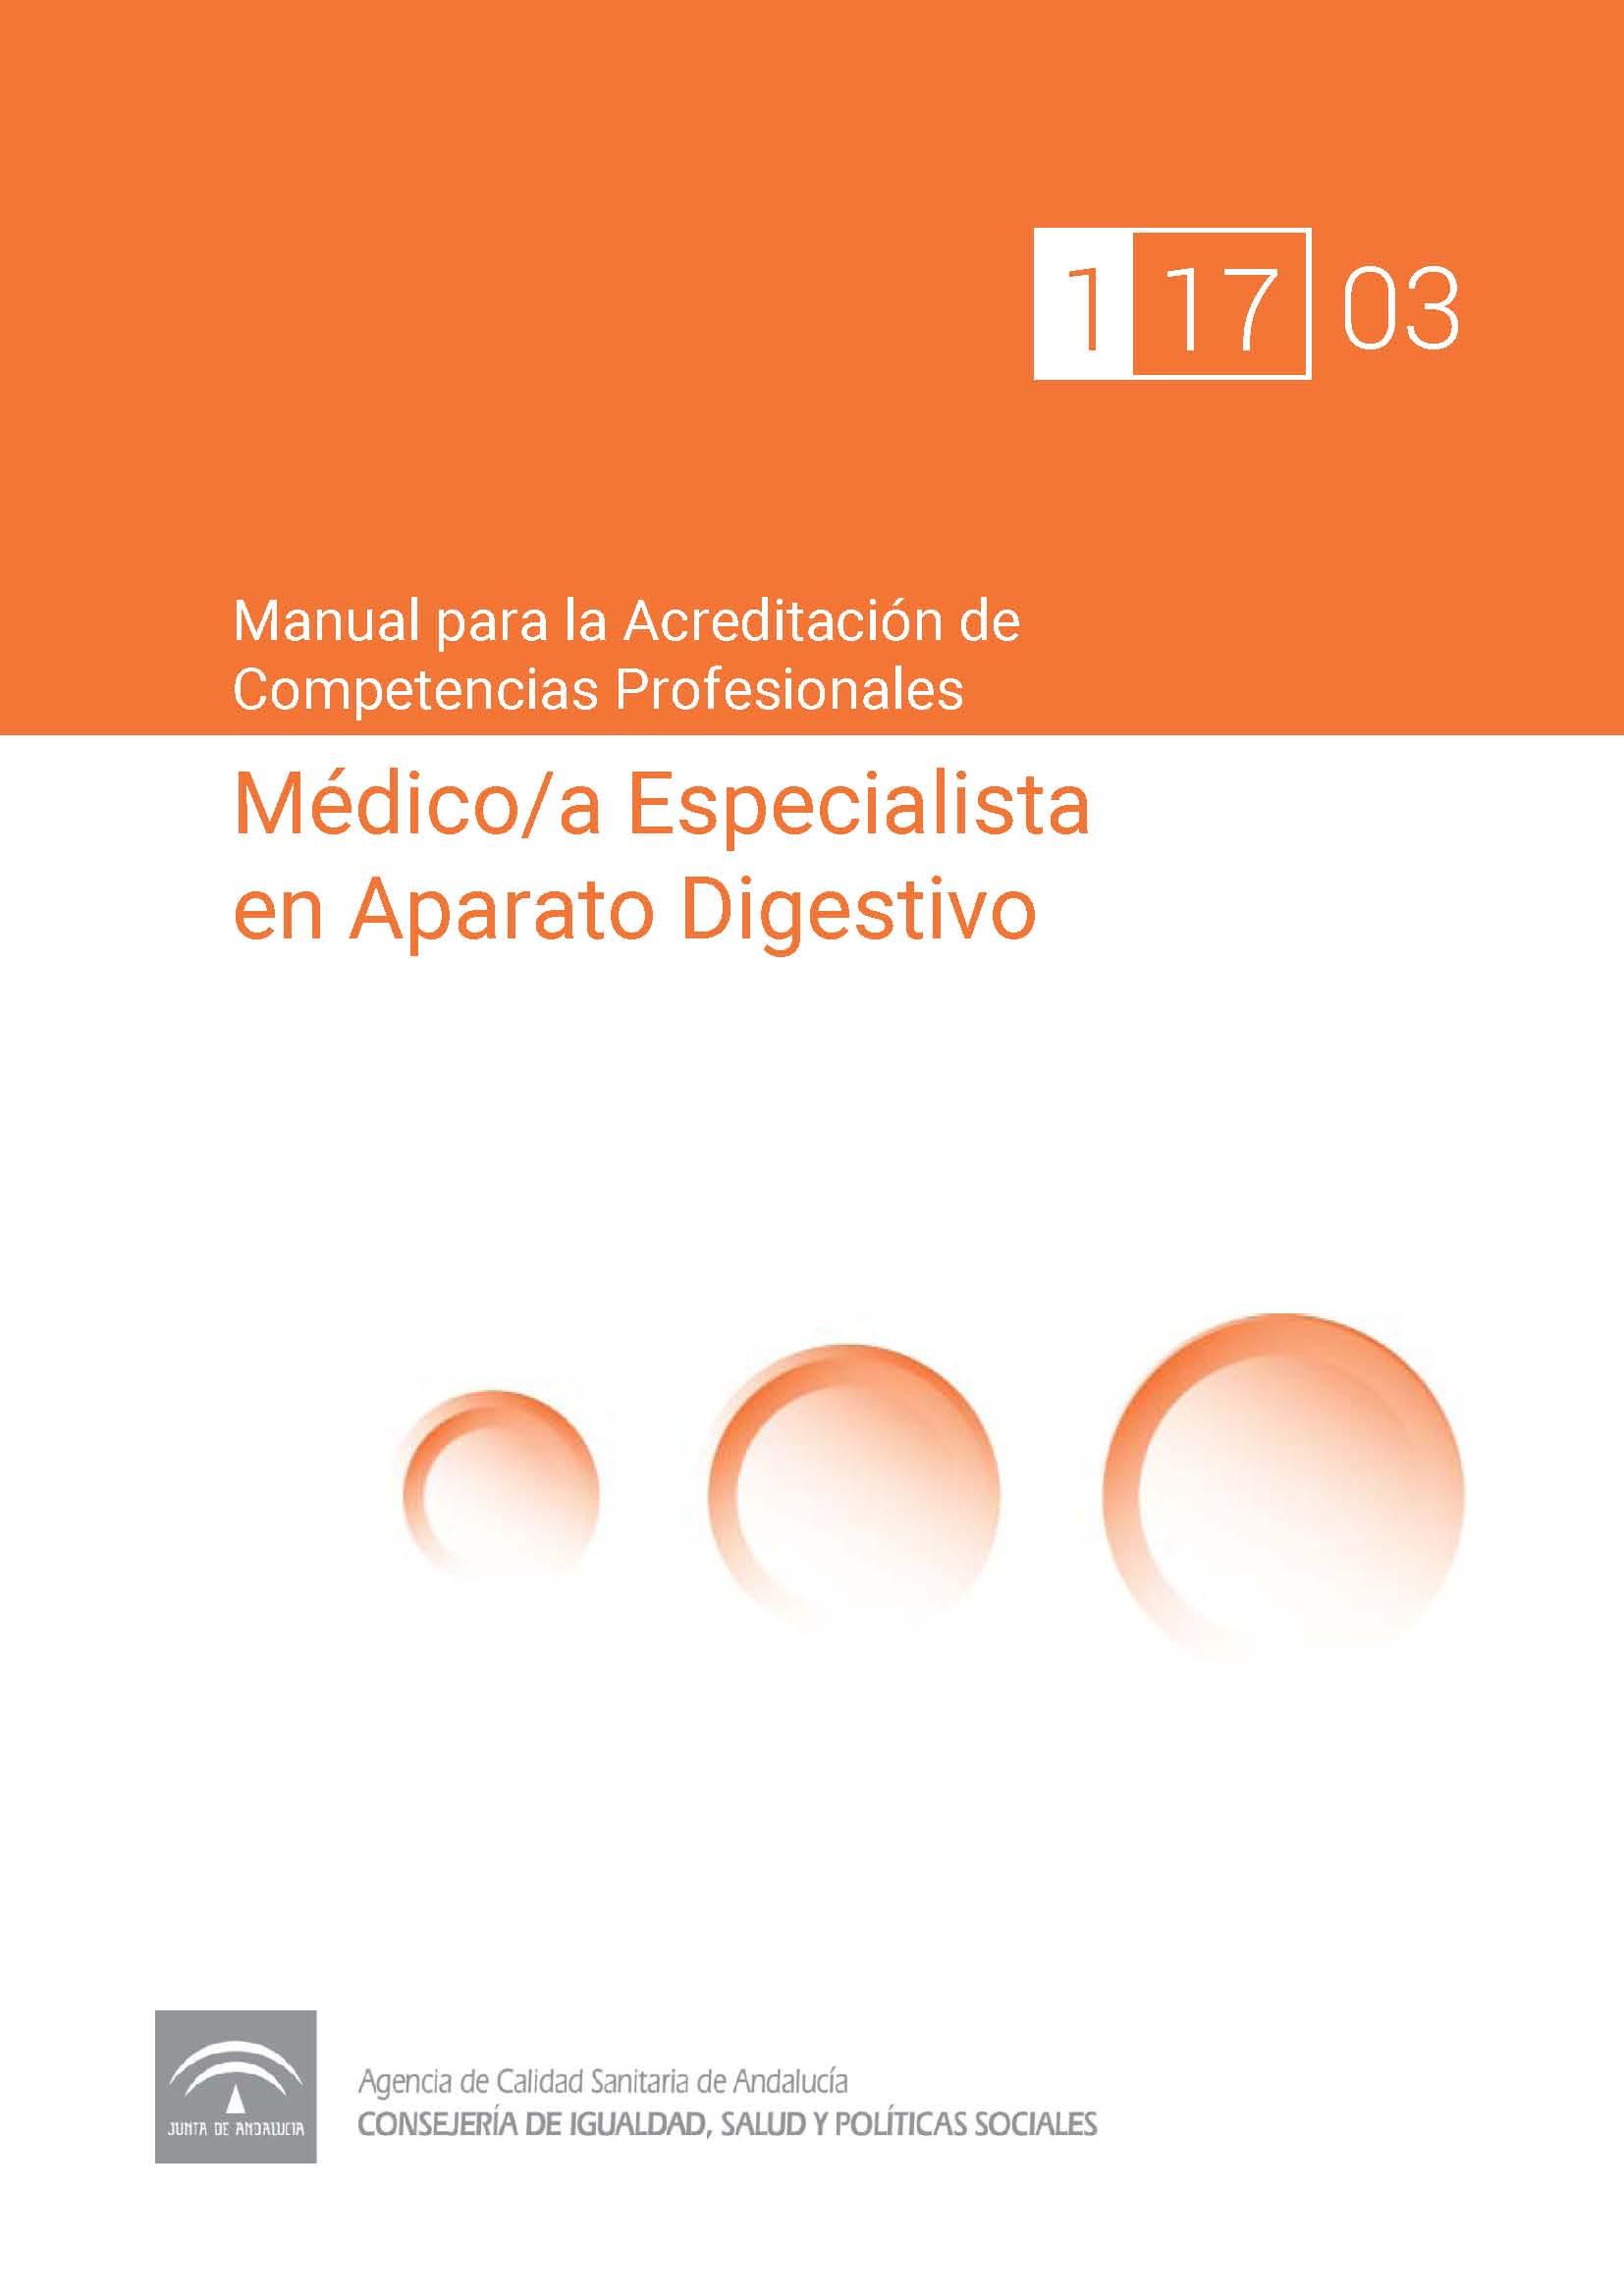 Manual de competencias de profeesionales del/de la Médico/a Especialista en Aparato Digestivo